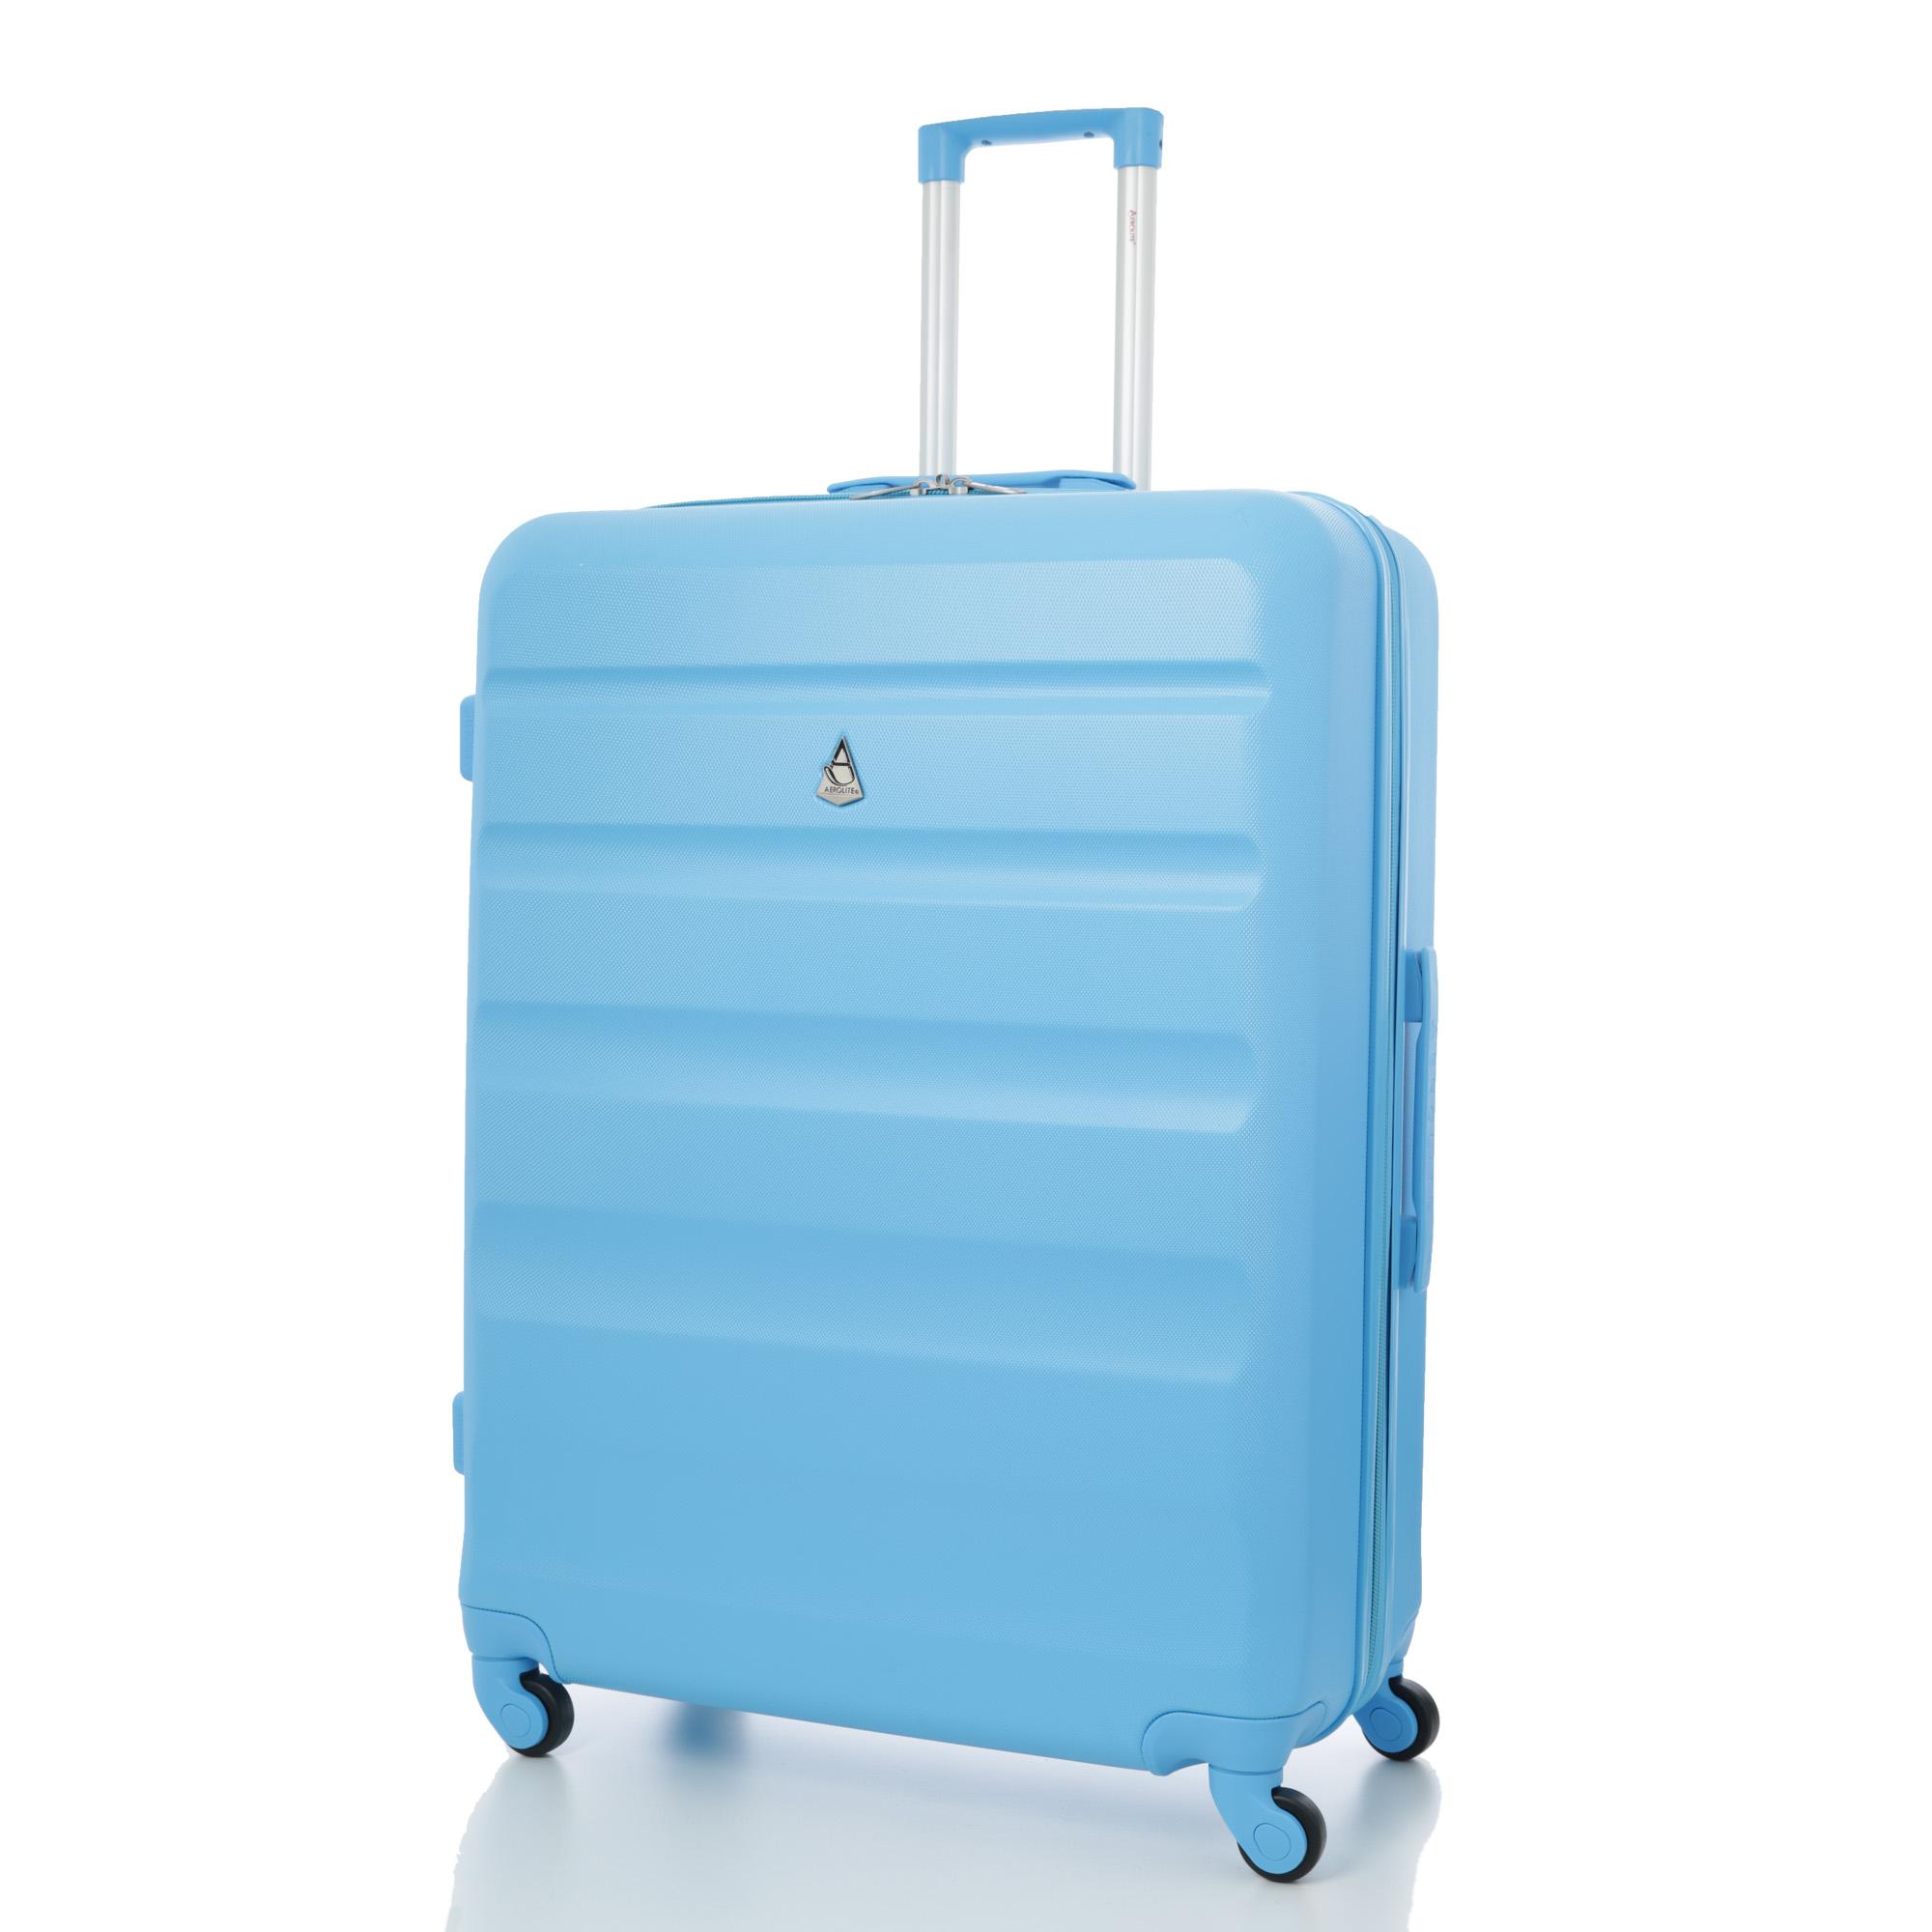 """Aerolite Medium 26"""" Super Lightweight ABS Suitcase with 4 Wheels"""